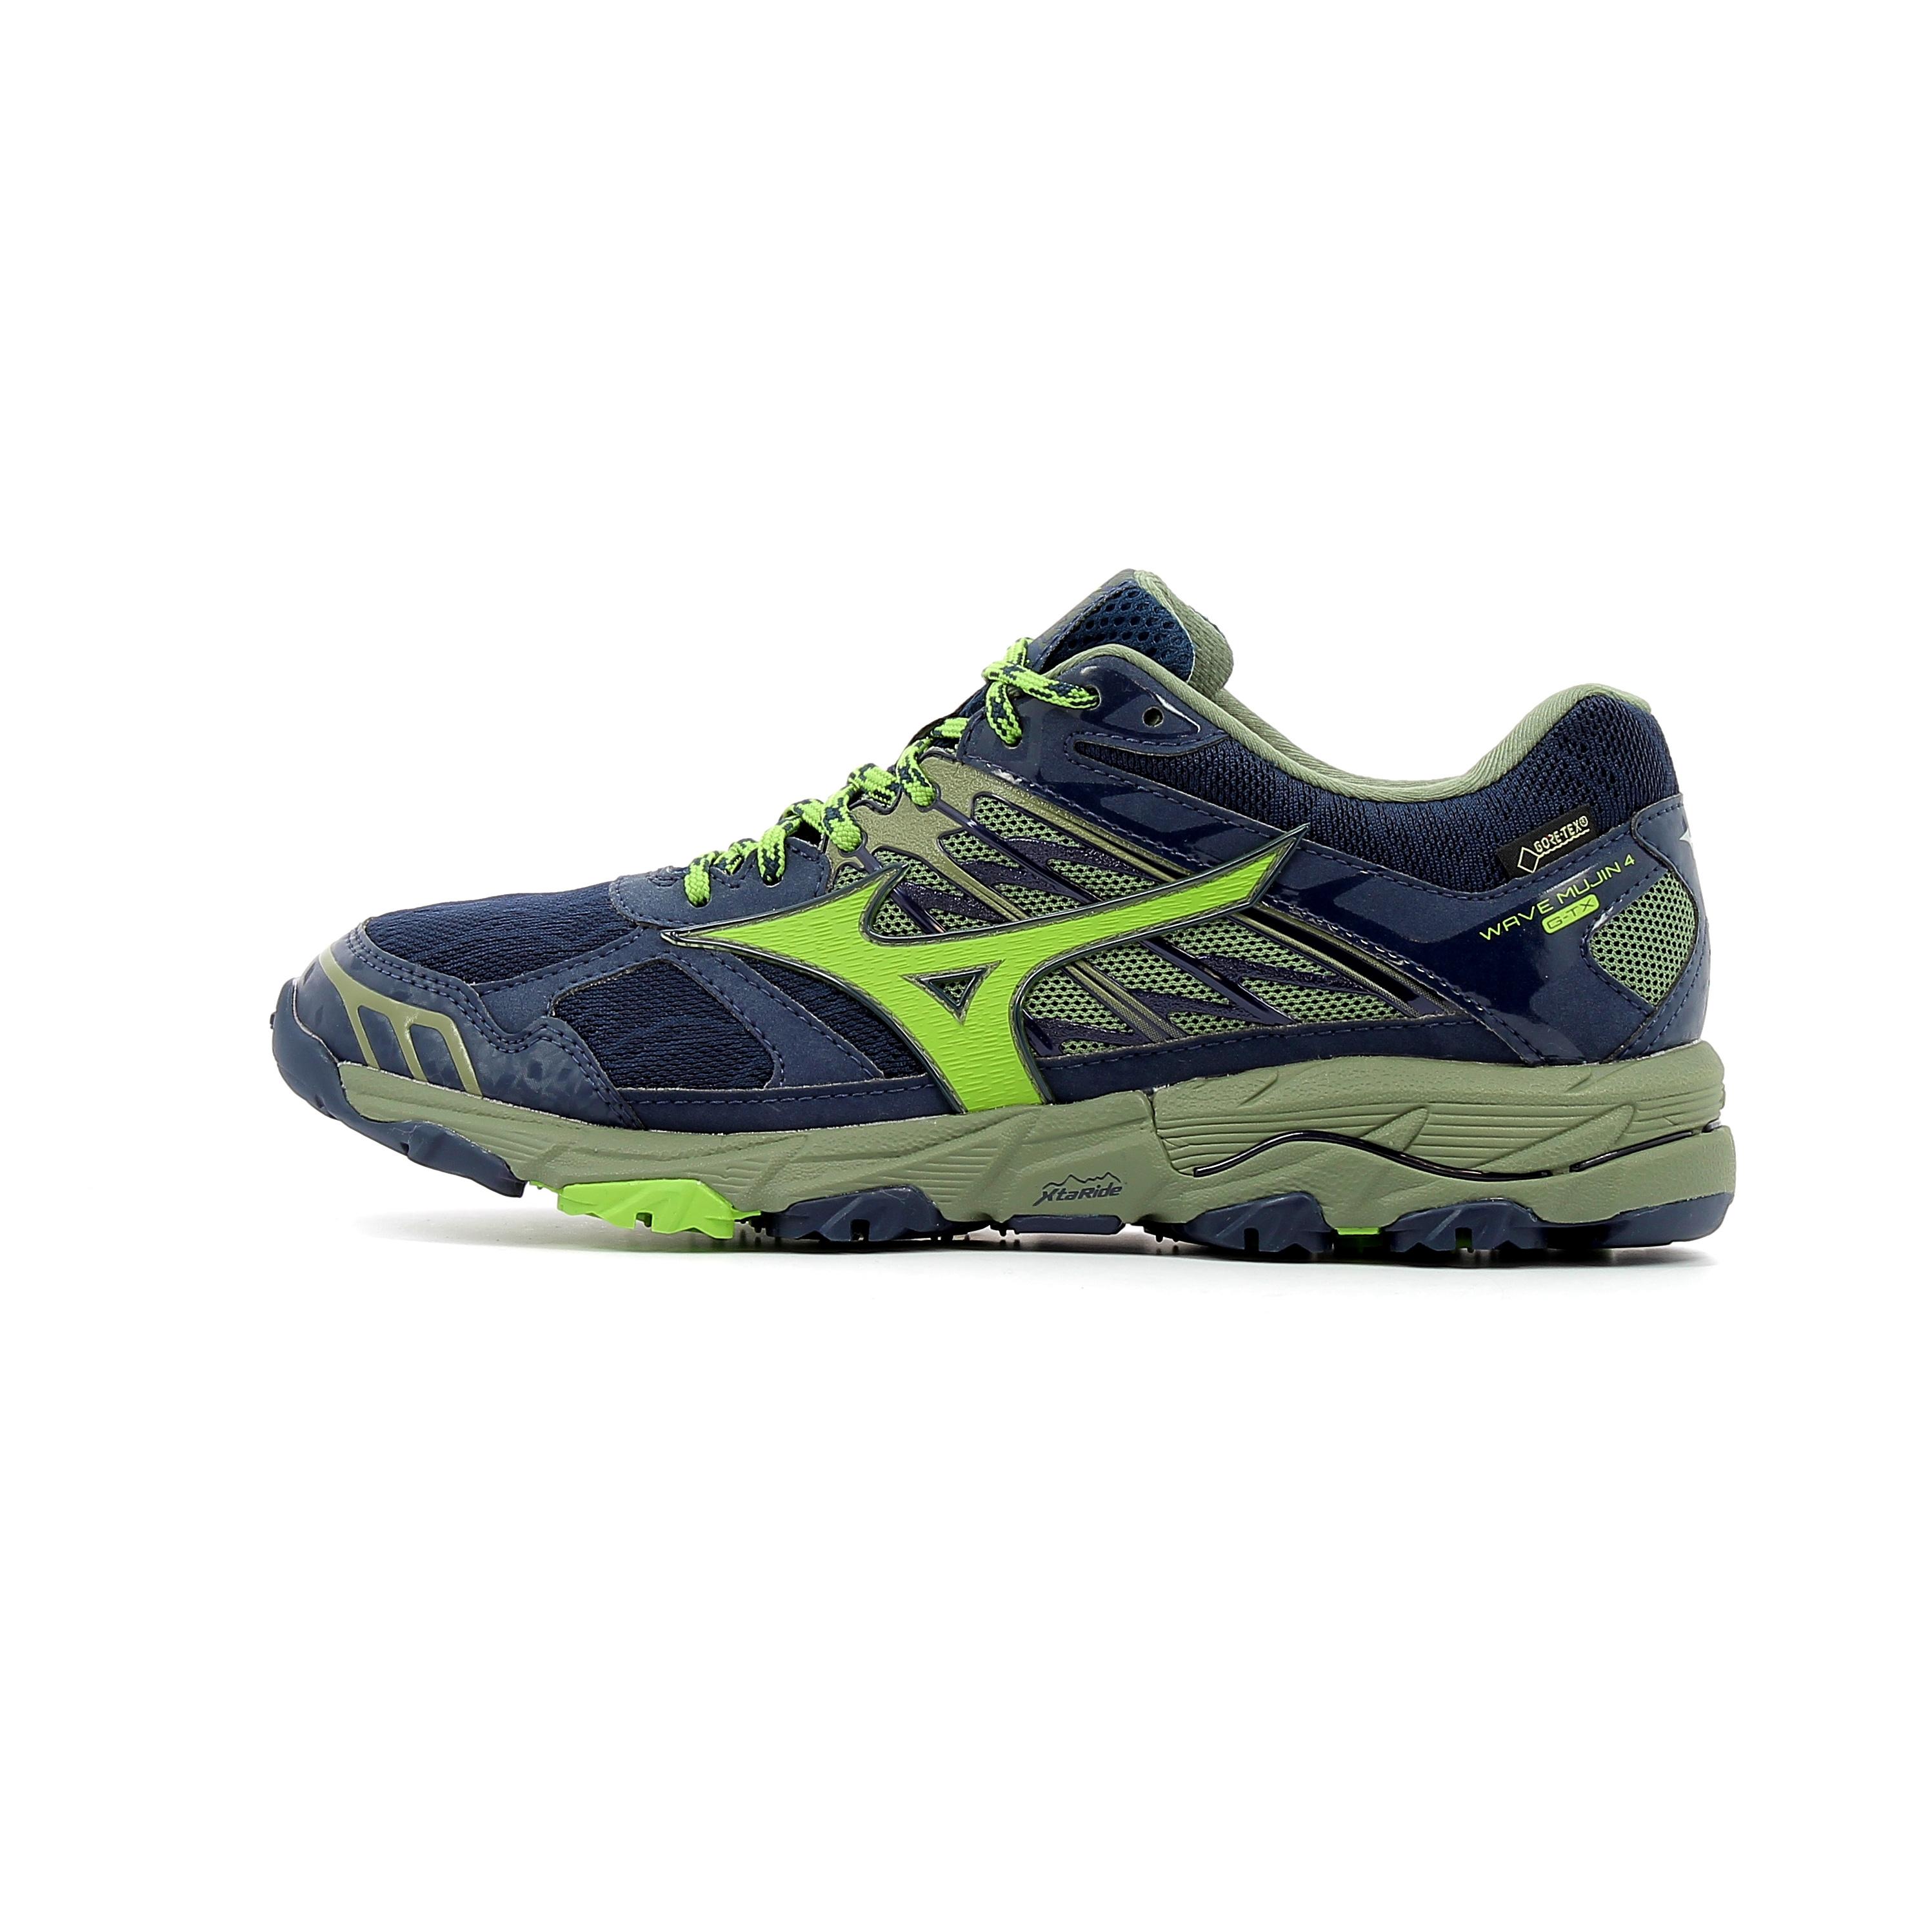 5b022c14e7e Chaussures de running homme Mizuno Wave Mujin 4 GTX